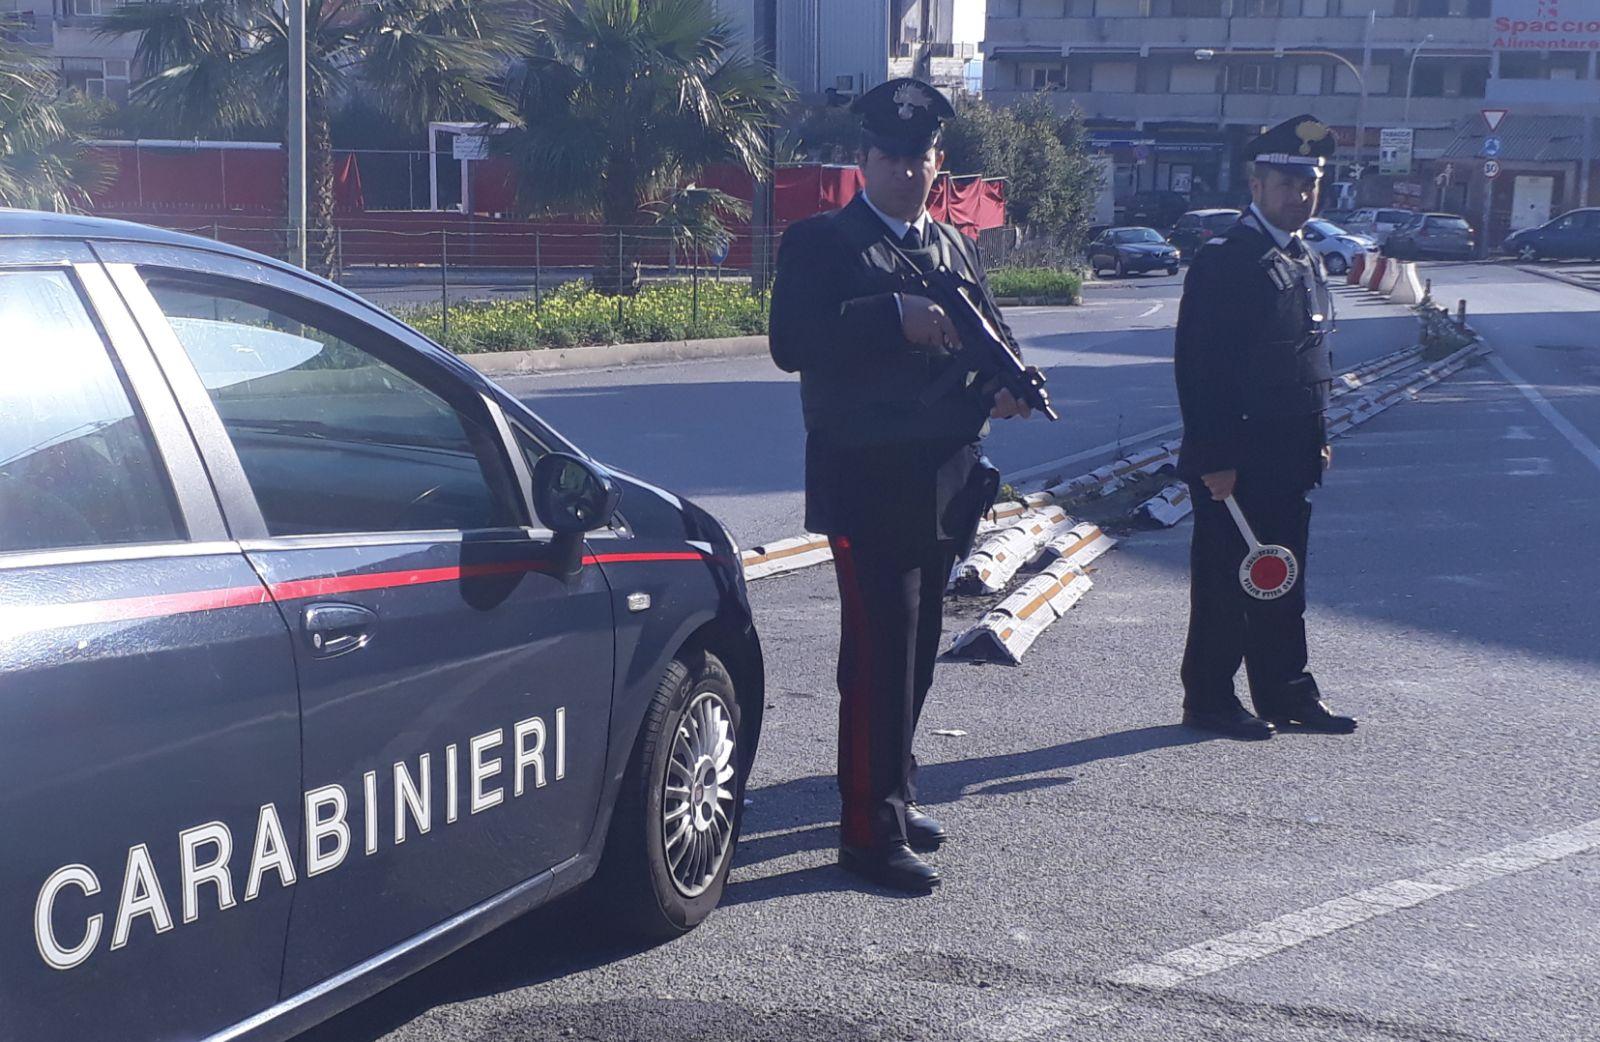 Foto di repertorio, carabinieri di Messina Sud dentro il Policlinico